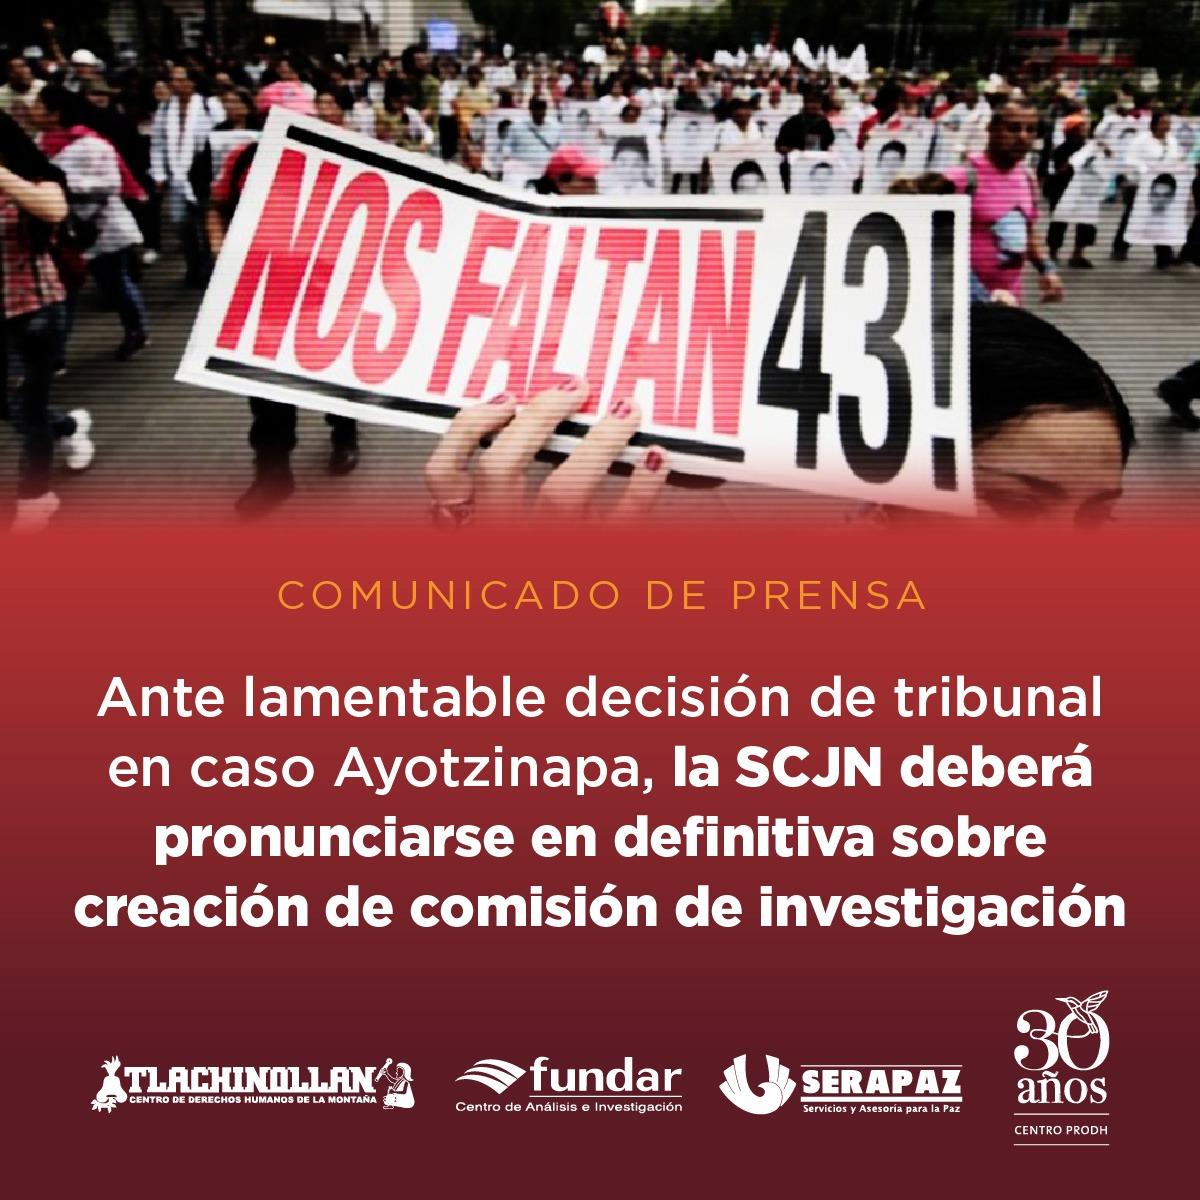 Fallo de Tribunal Unitario atenta contra la verdad y la justicia:  familiares de víctimas y organizaciones